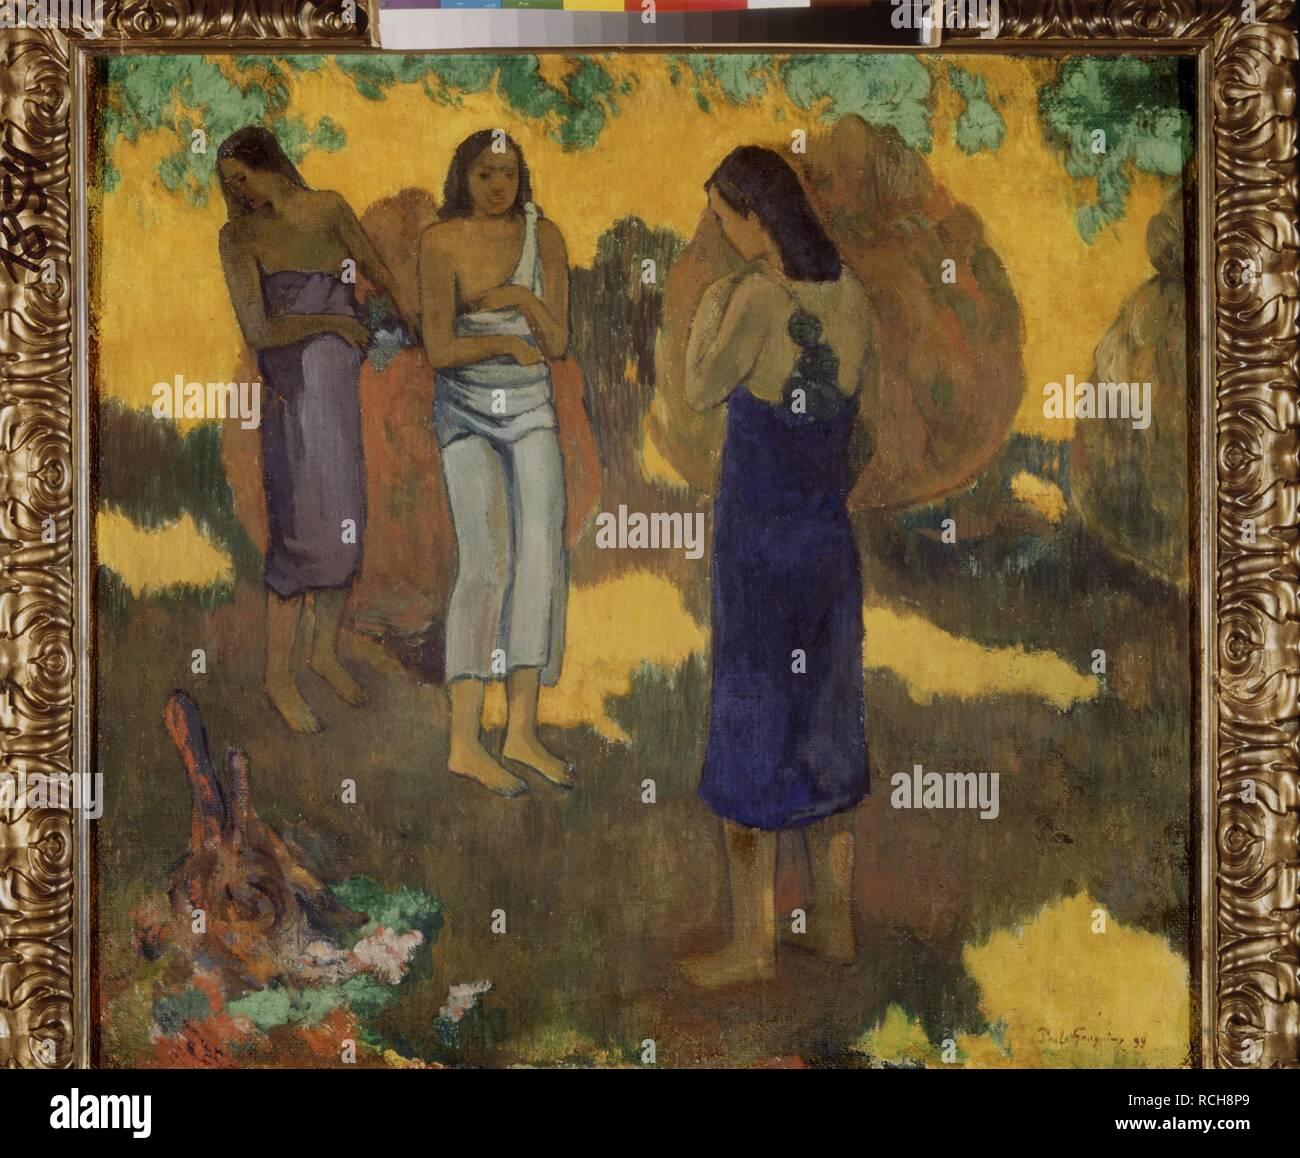 Tre donne tahitiane contro uno sfondo giallo. Museo: Membro Hermitage di San Pietroburgo. Autore: Gauguin, Paolo Eugéne Henri. Immagini Stock